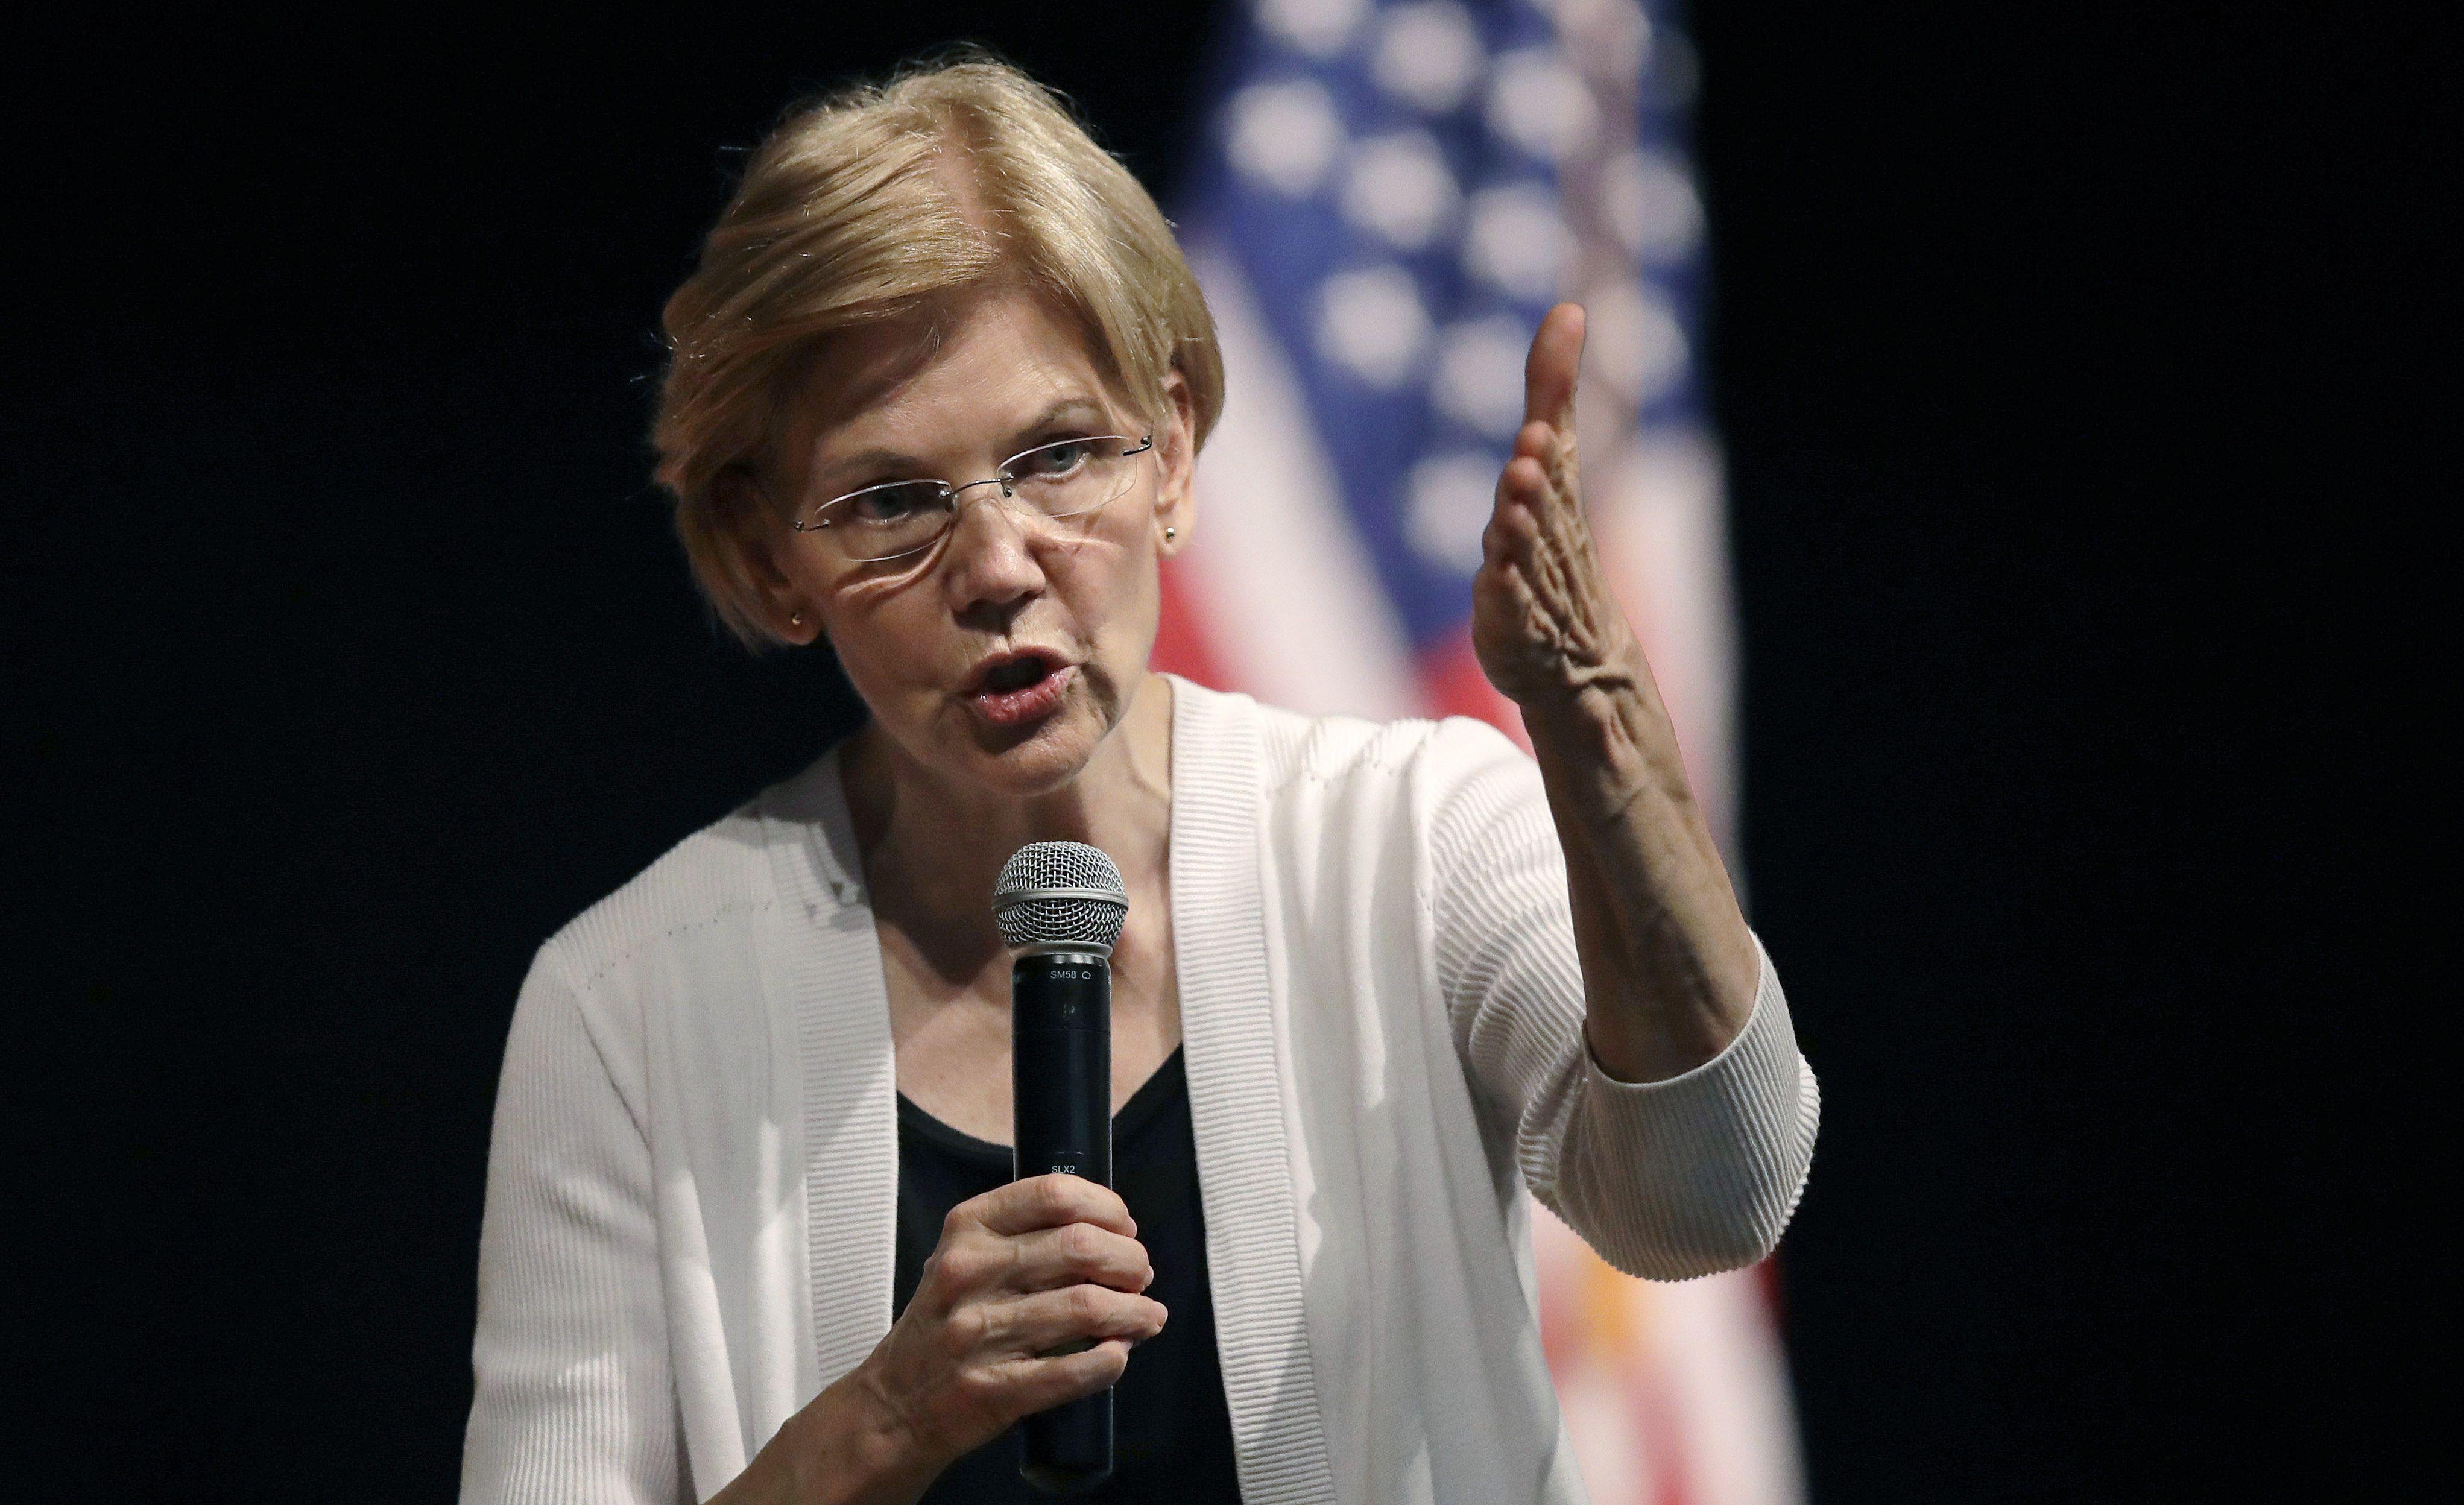 Elizabeth Warren durante un mitin en Massachusetts, agosto de 2018. Foto: Charles Krupa/AP.